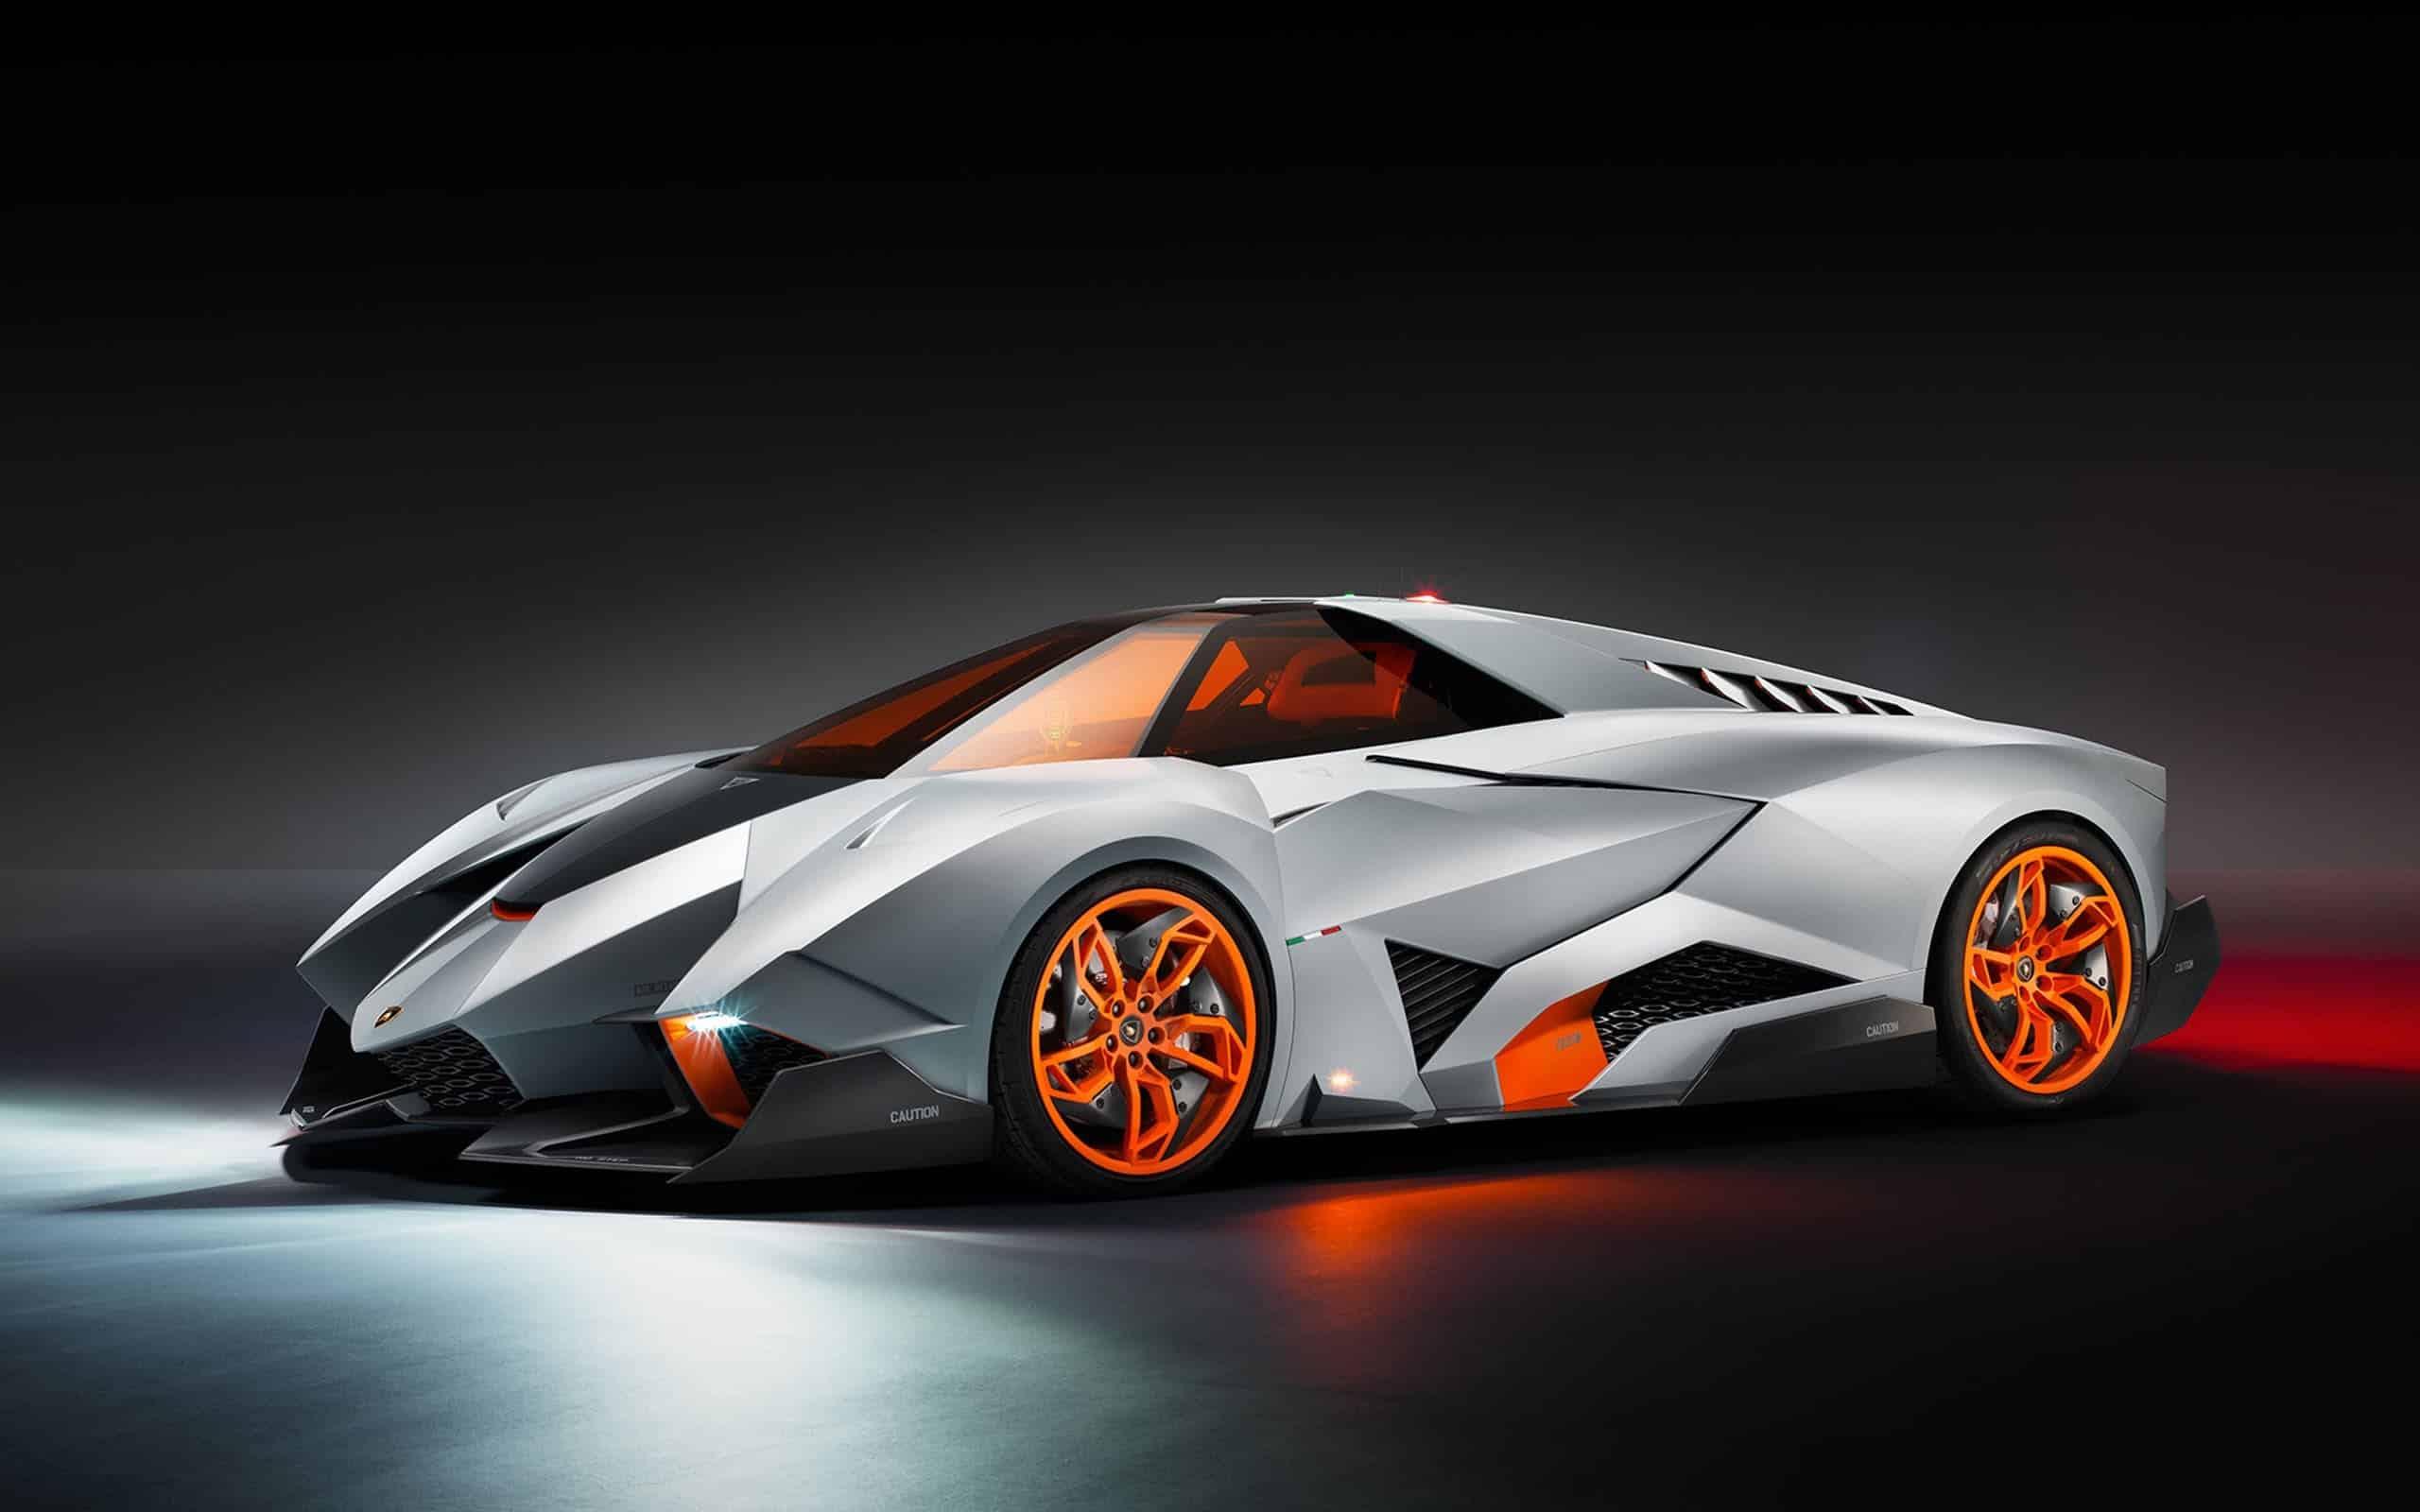 Blog voiture : Ce que je vous recommande en matière de véhicules et d'achats de voiture